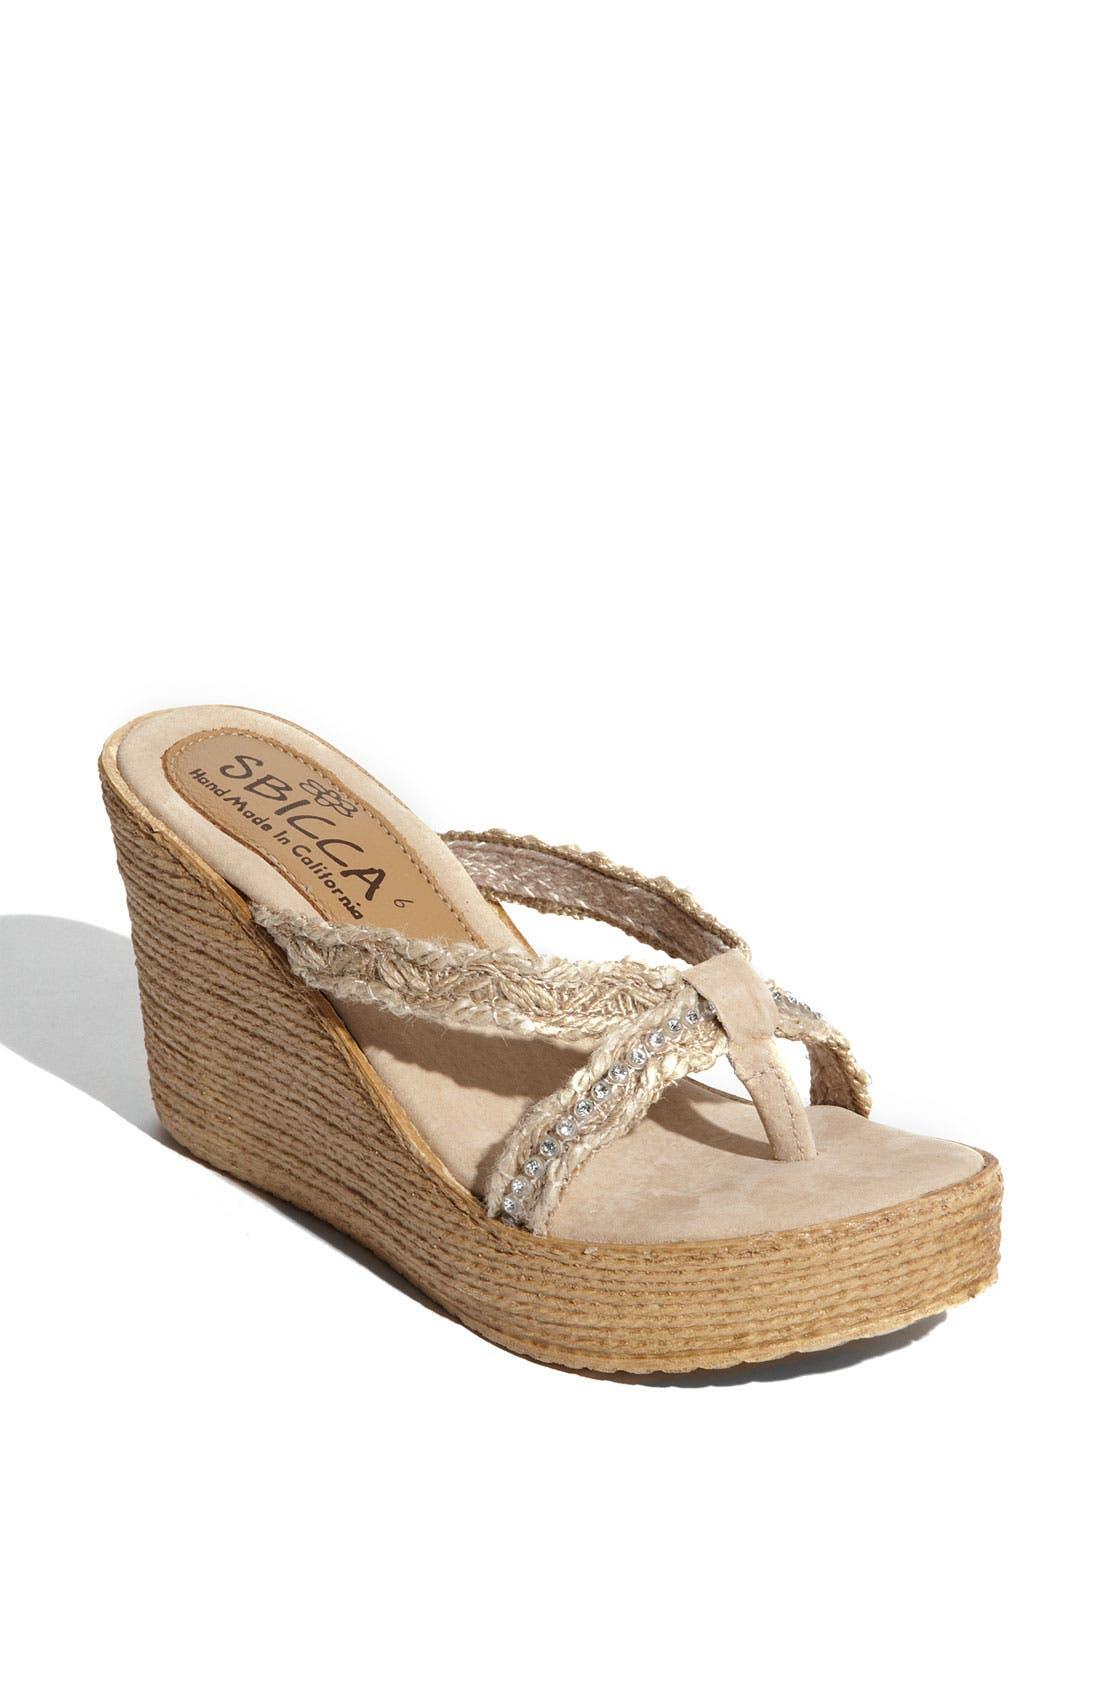 Alternate Image 1 Selected - Sbicca 'Jewel' Sandal